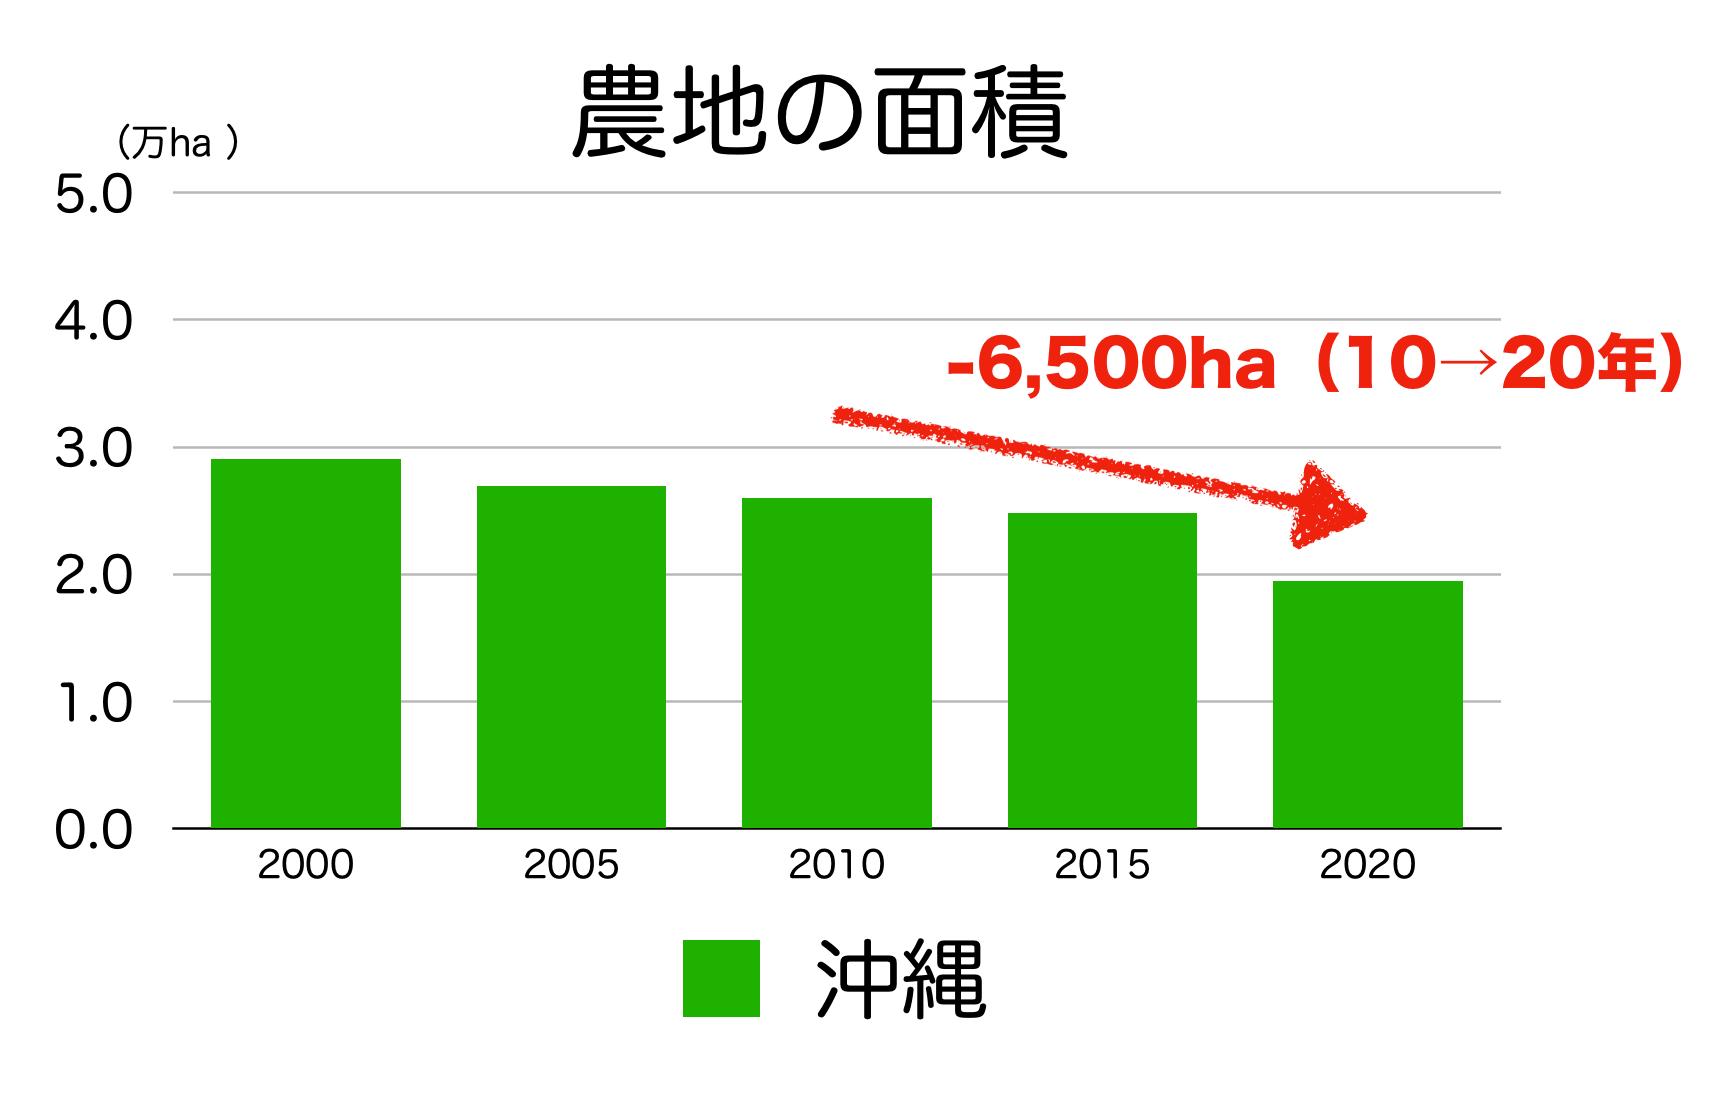 沖縄県の農地面積